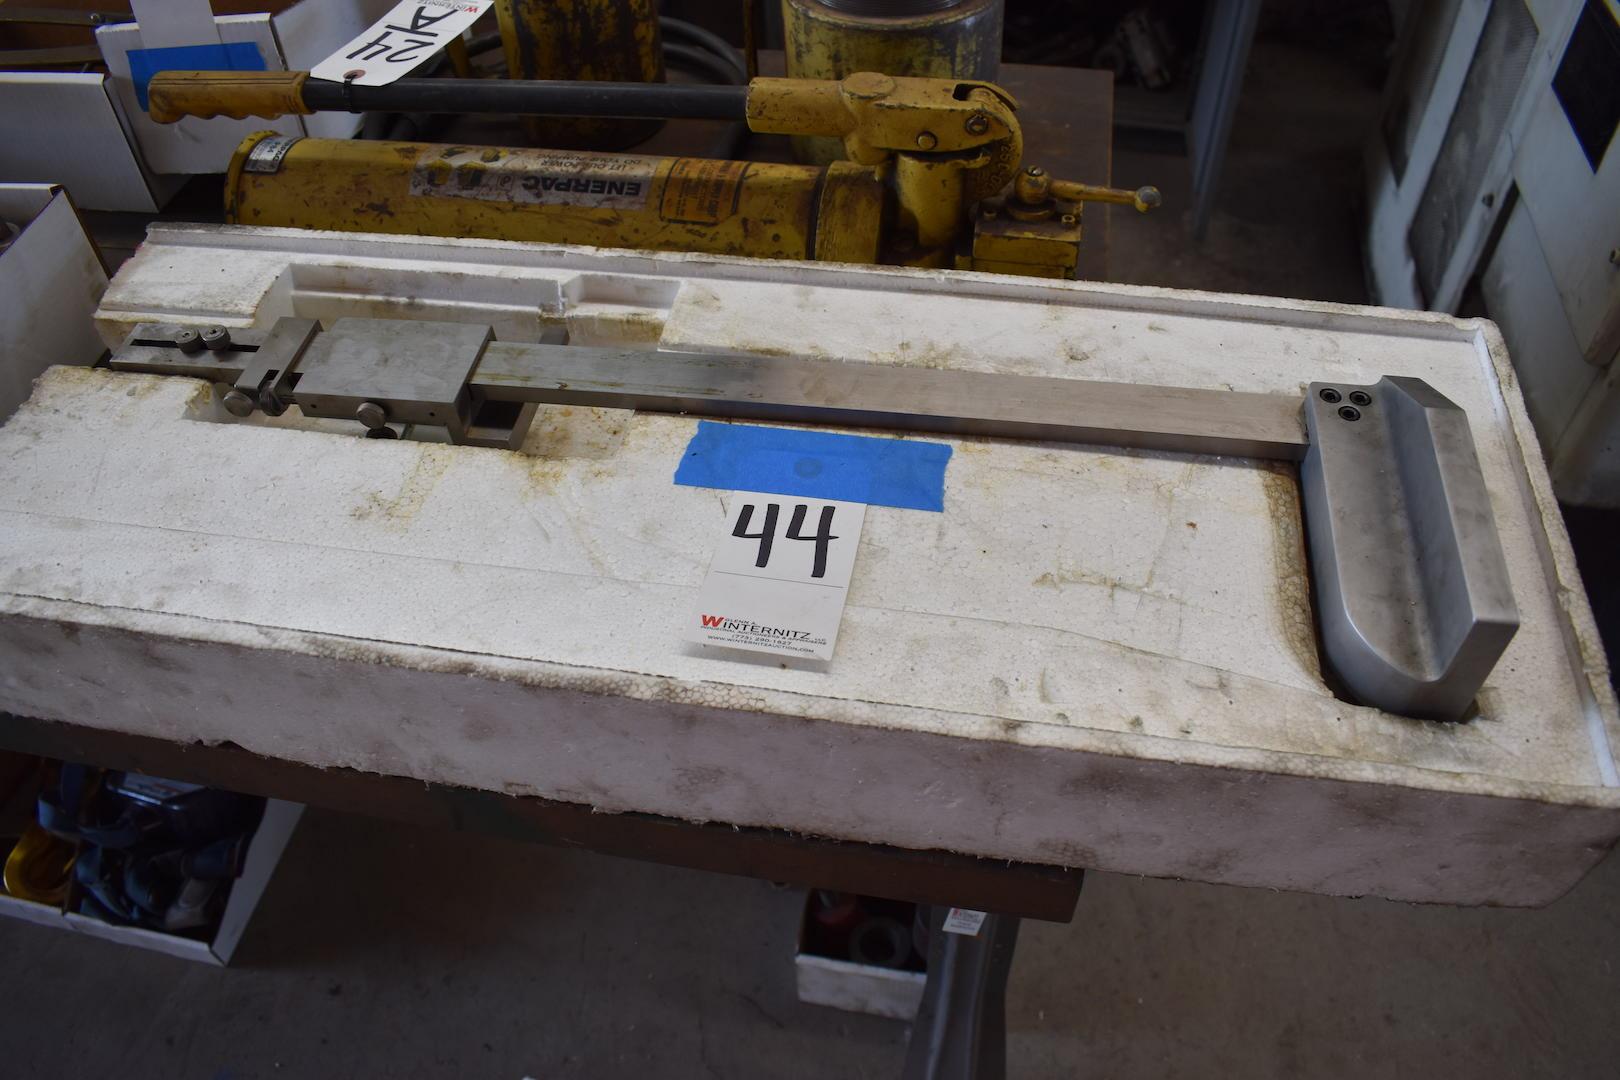 Lot 44 - Mitutoyo 20 in. Height Gauge